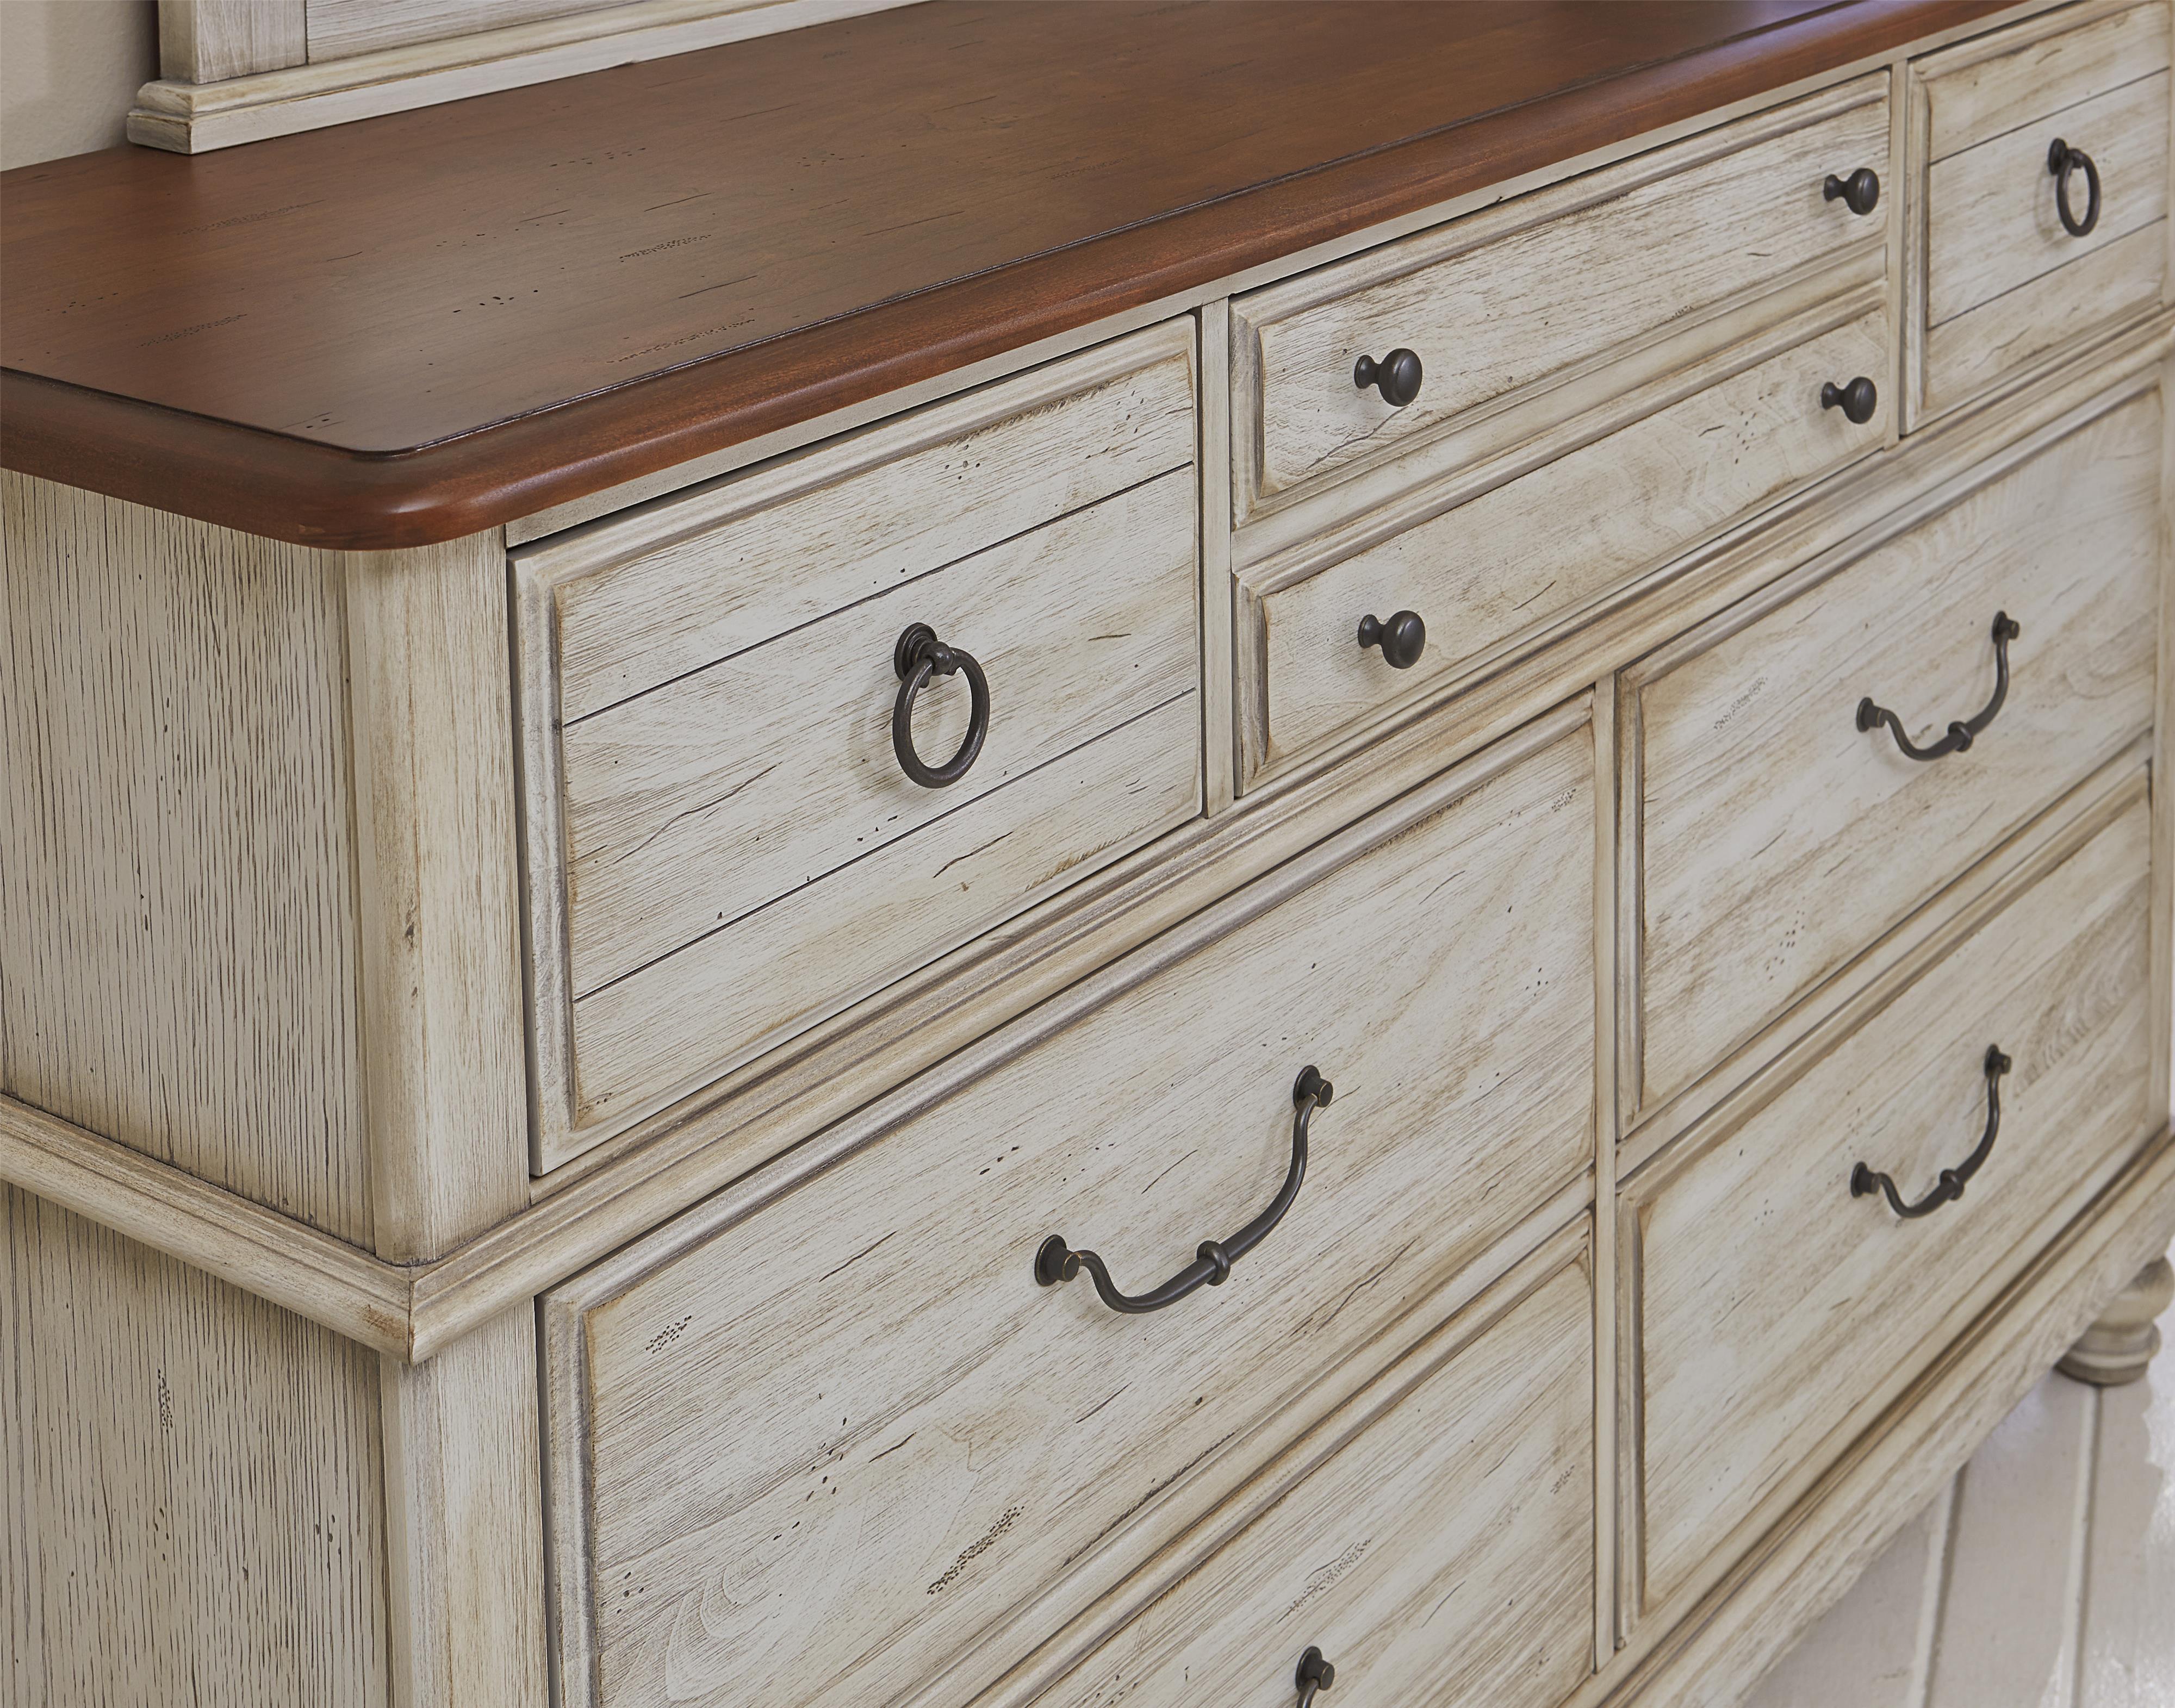 Vaughan bassett arrendelle 442 002 transitional dresser - Bassett bedroom furniture 1970 s ...